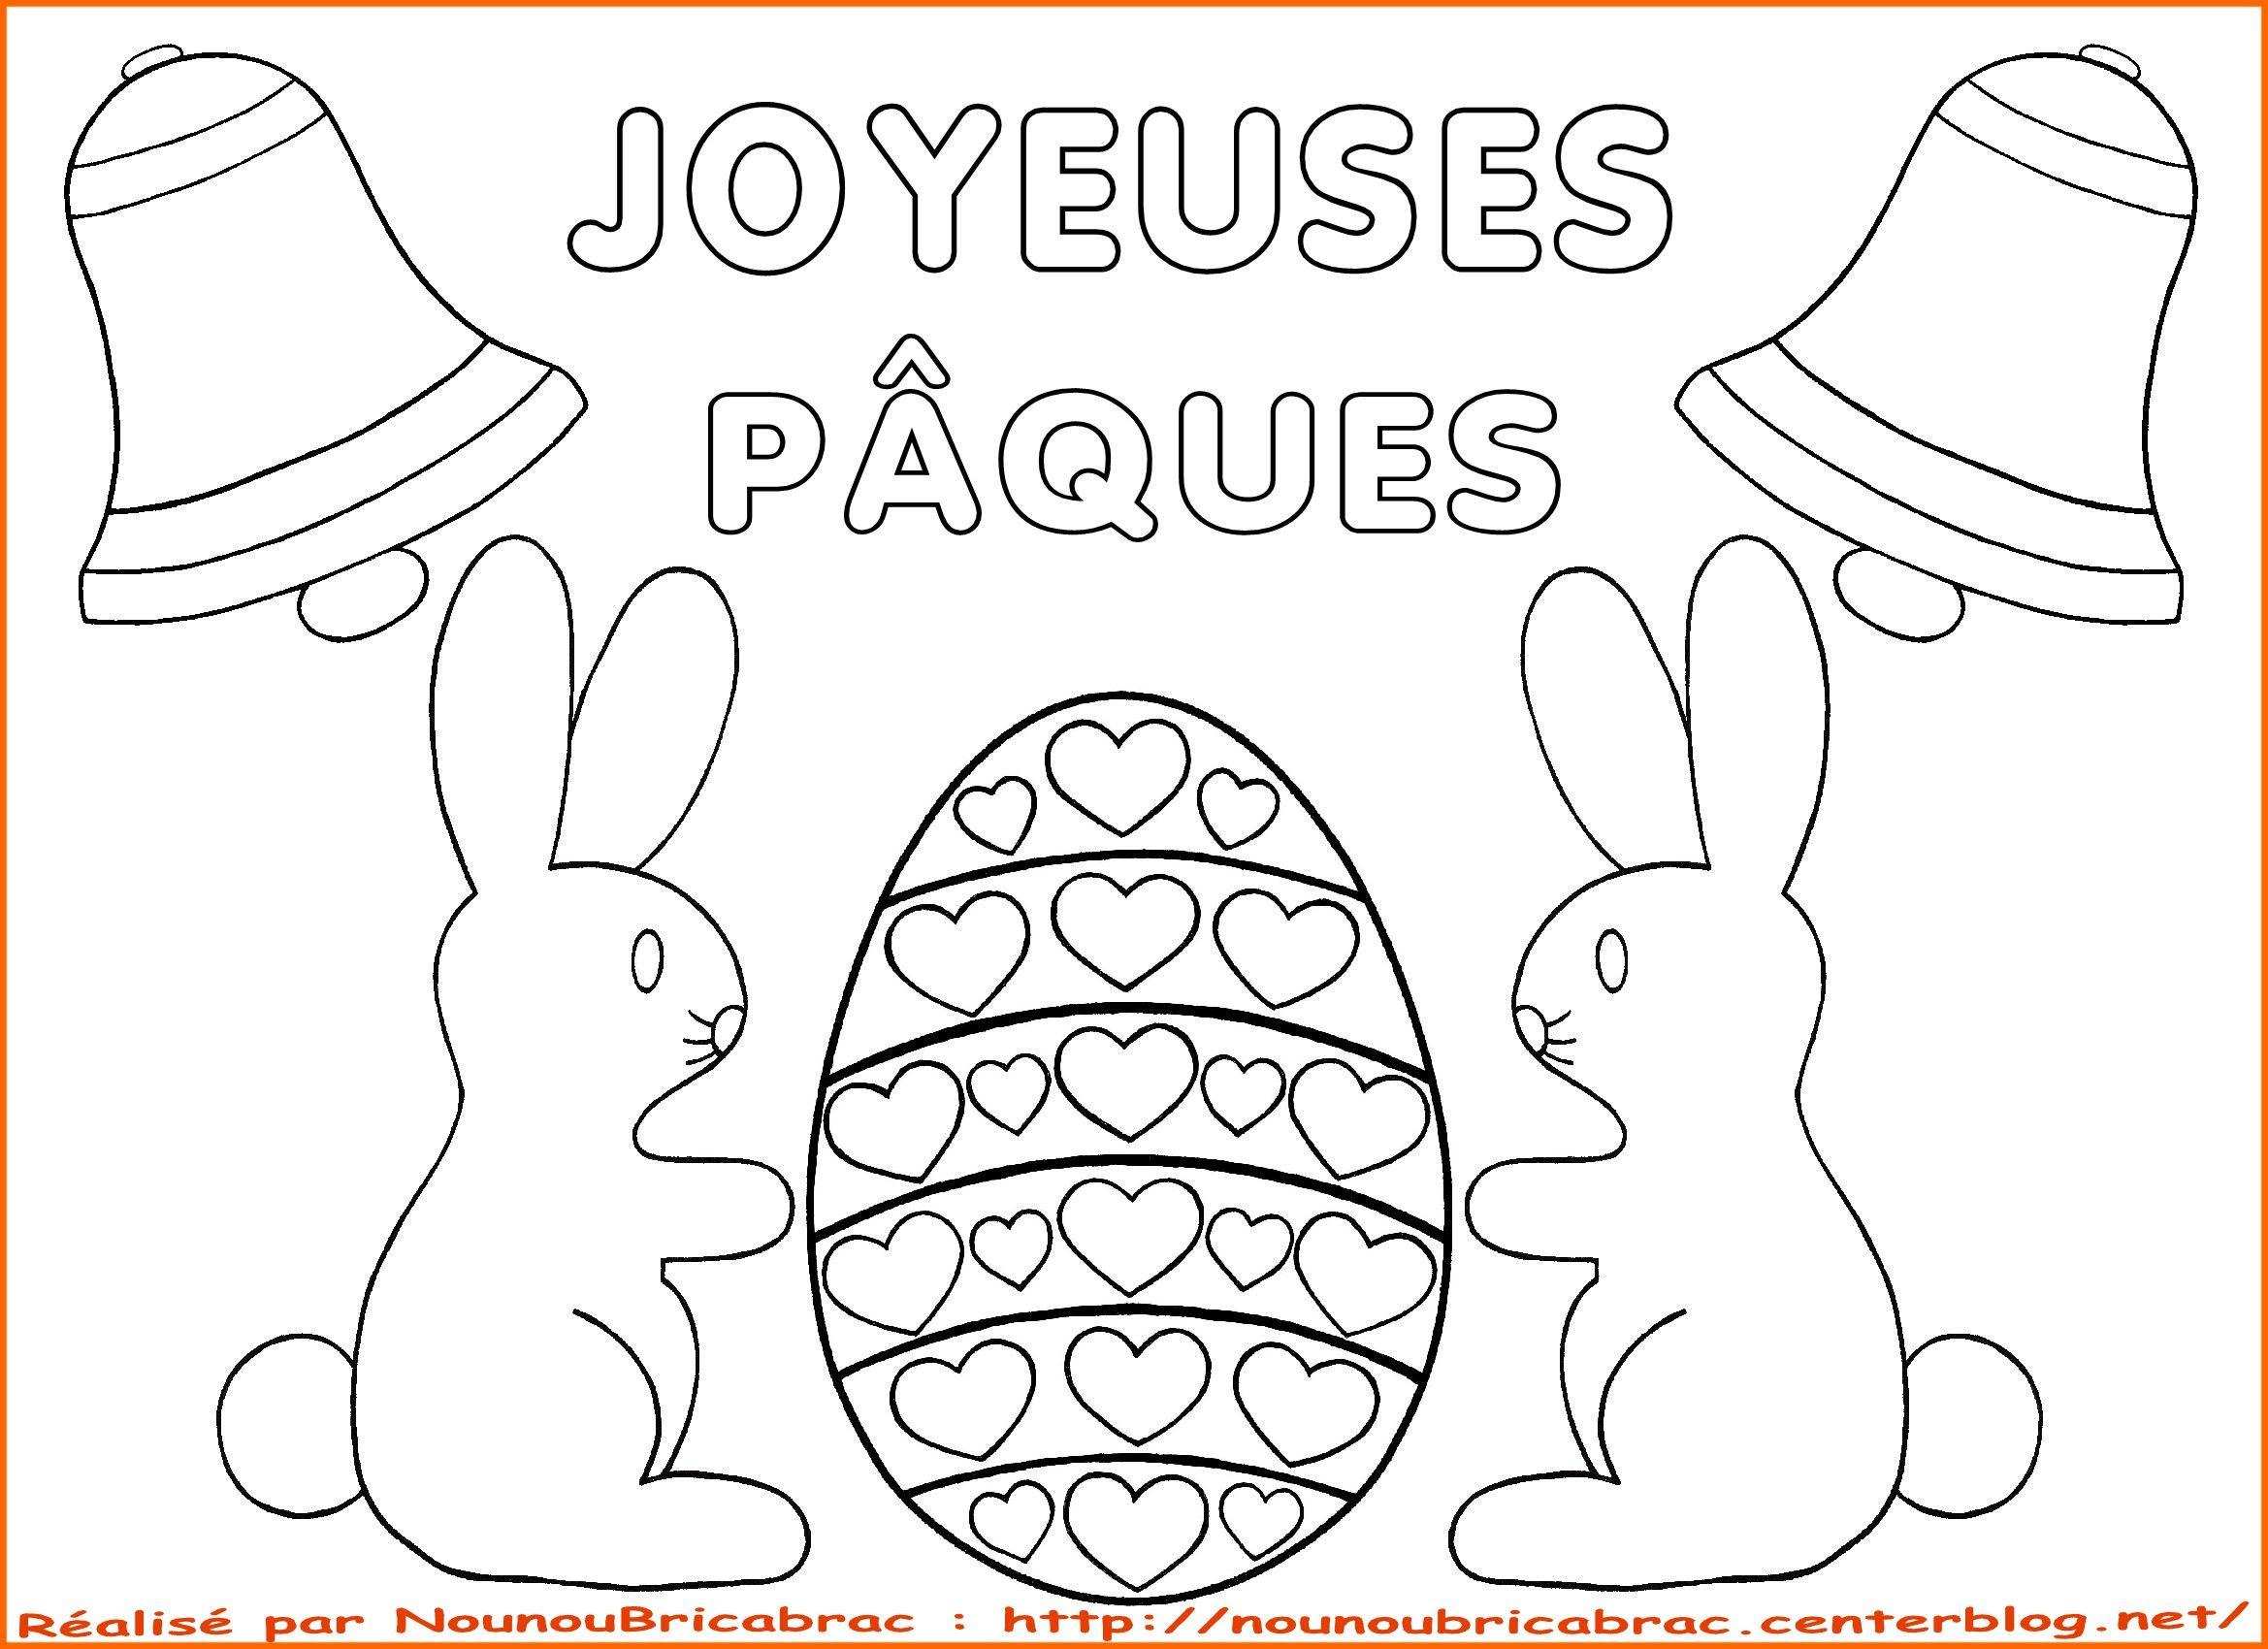 Lapins en chocolat et oeuf surprise Joyeuses P¢ques  colorier